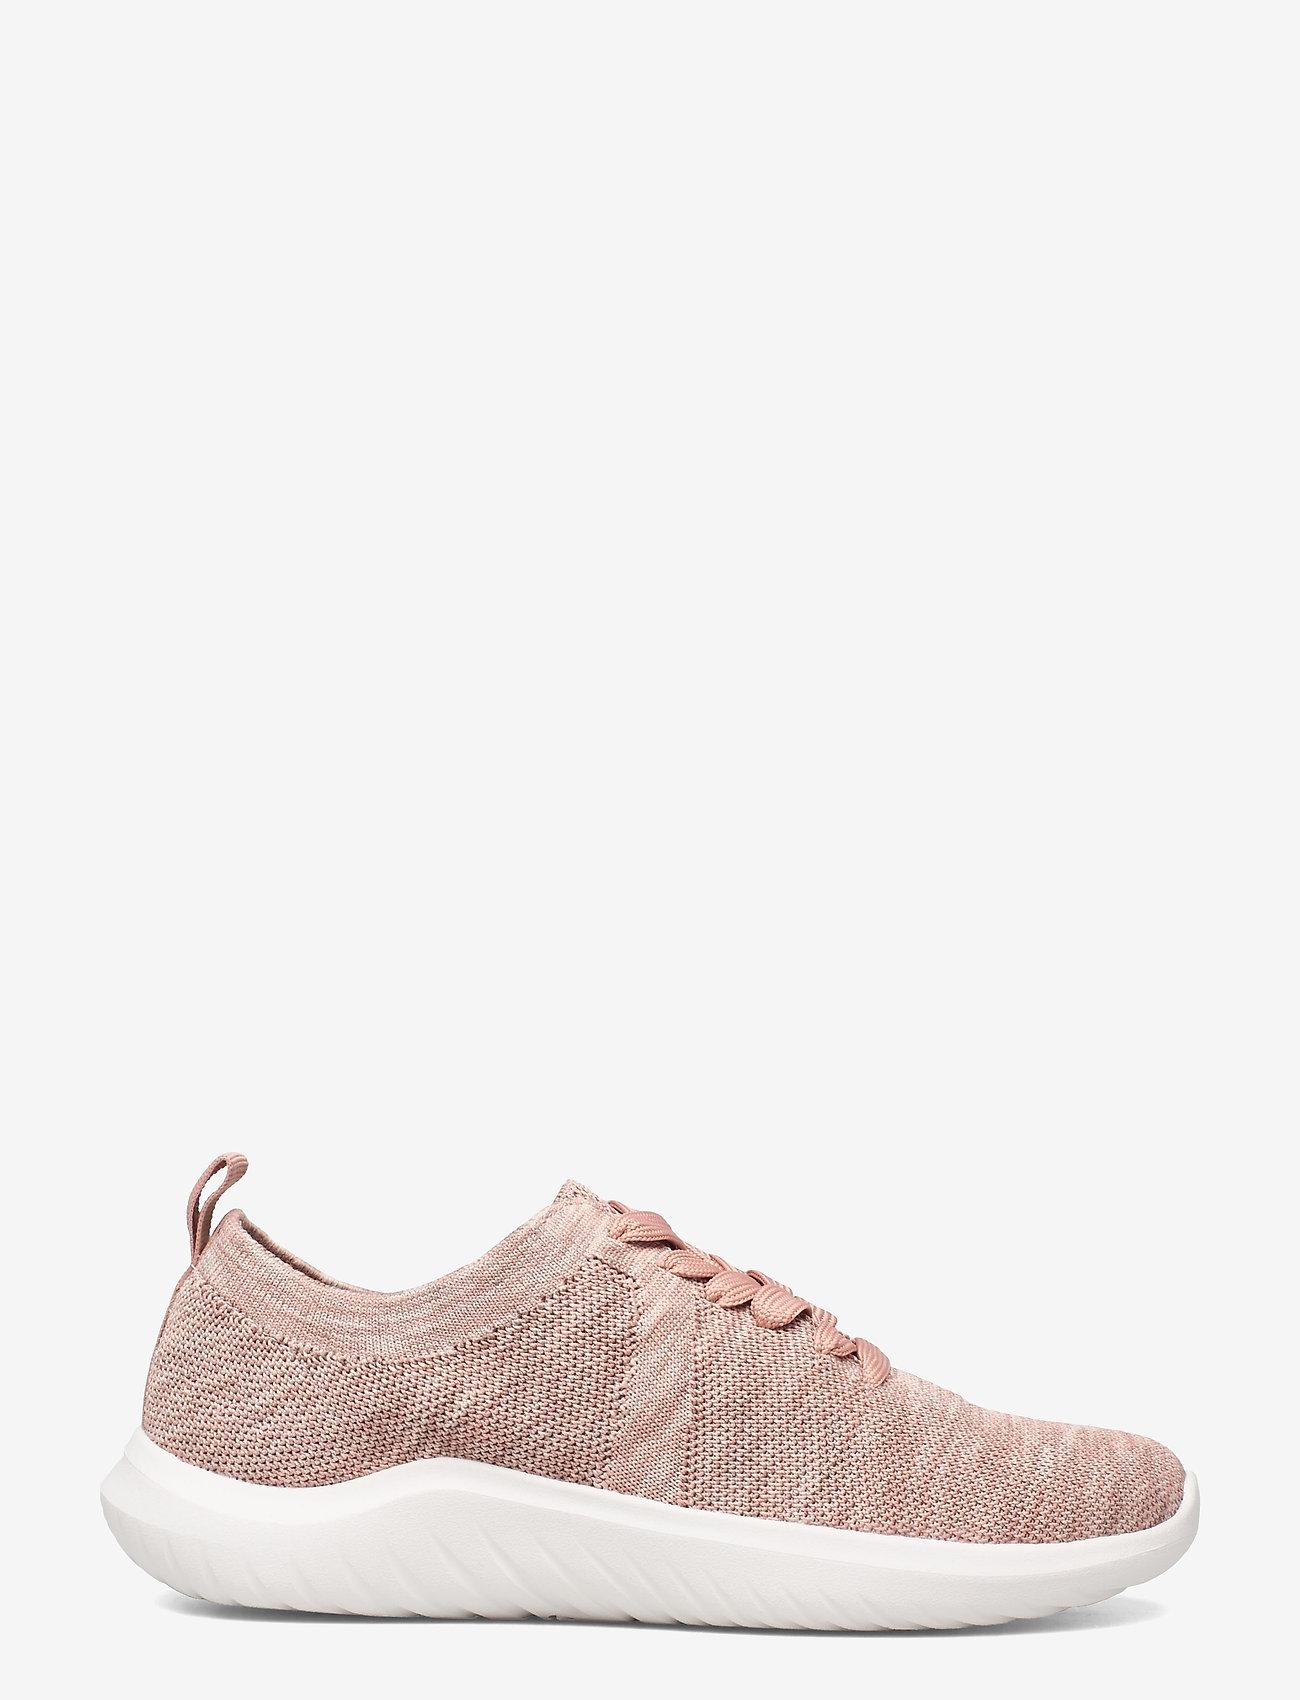 Clarks - Nova Glint - låga sneakers - light pink - 1